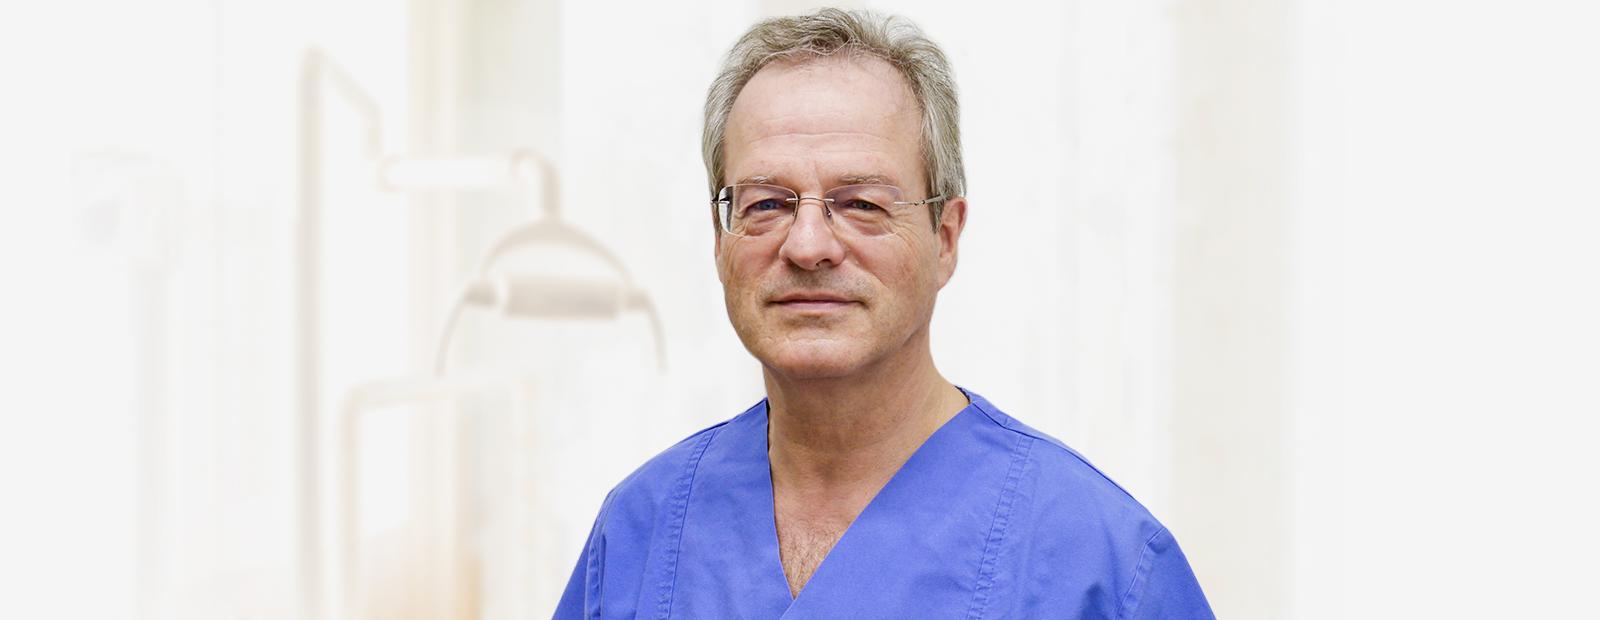 Dr Storck